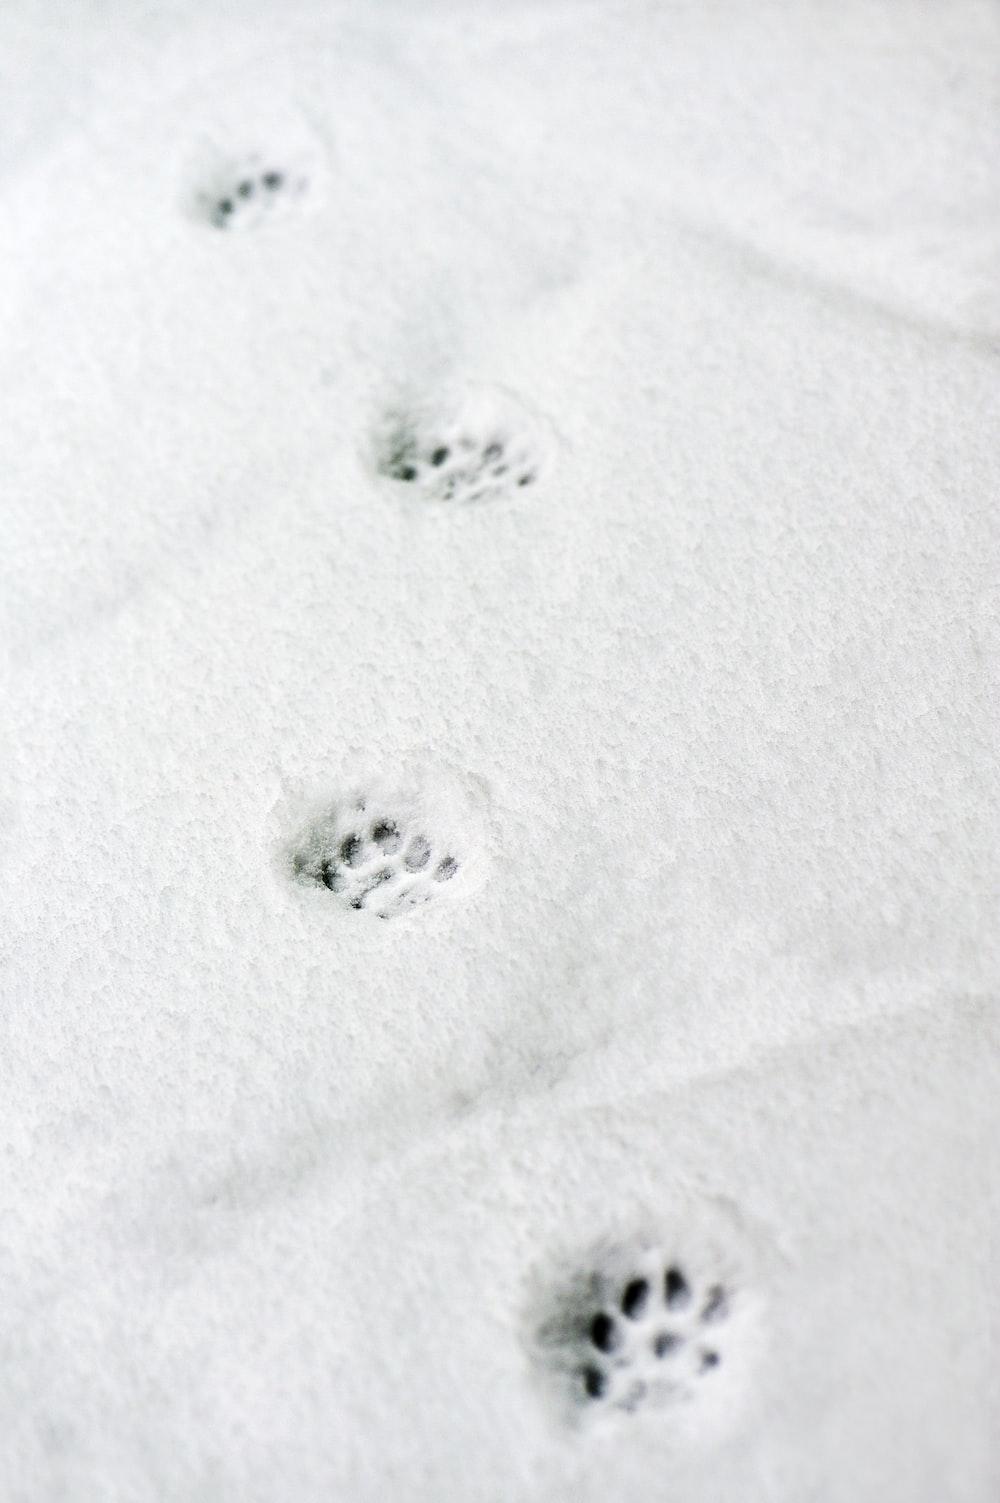 snow paw prints